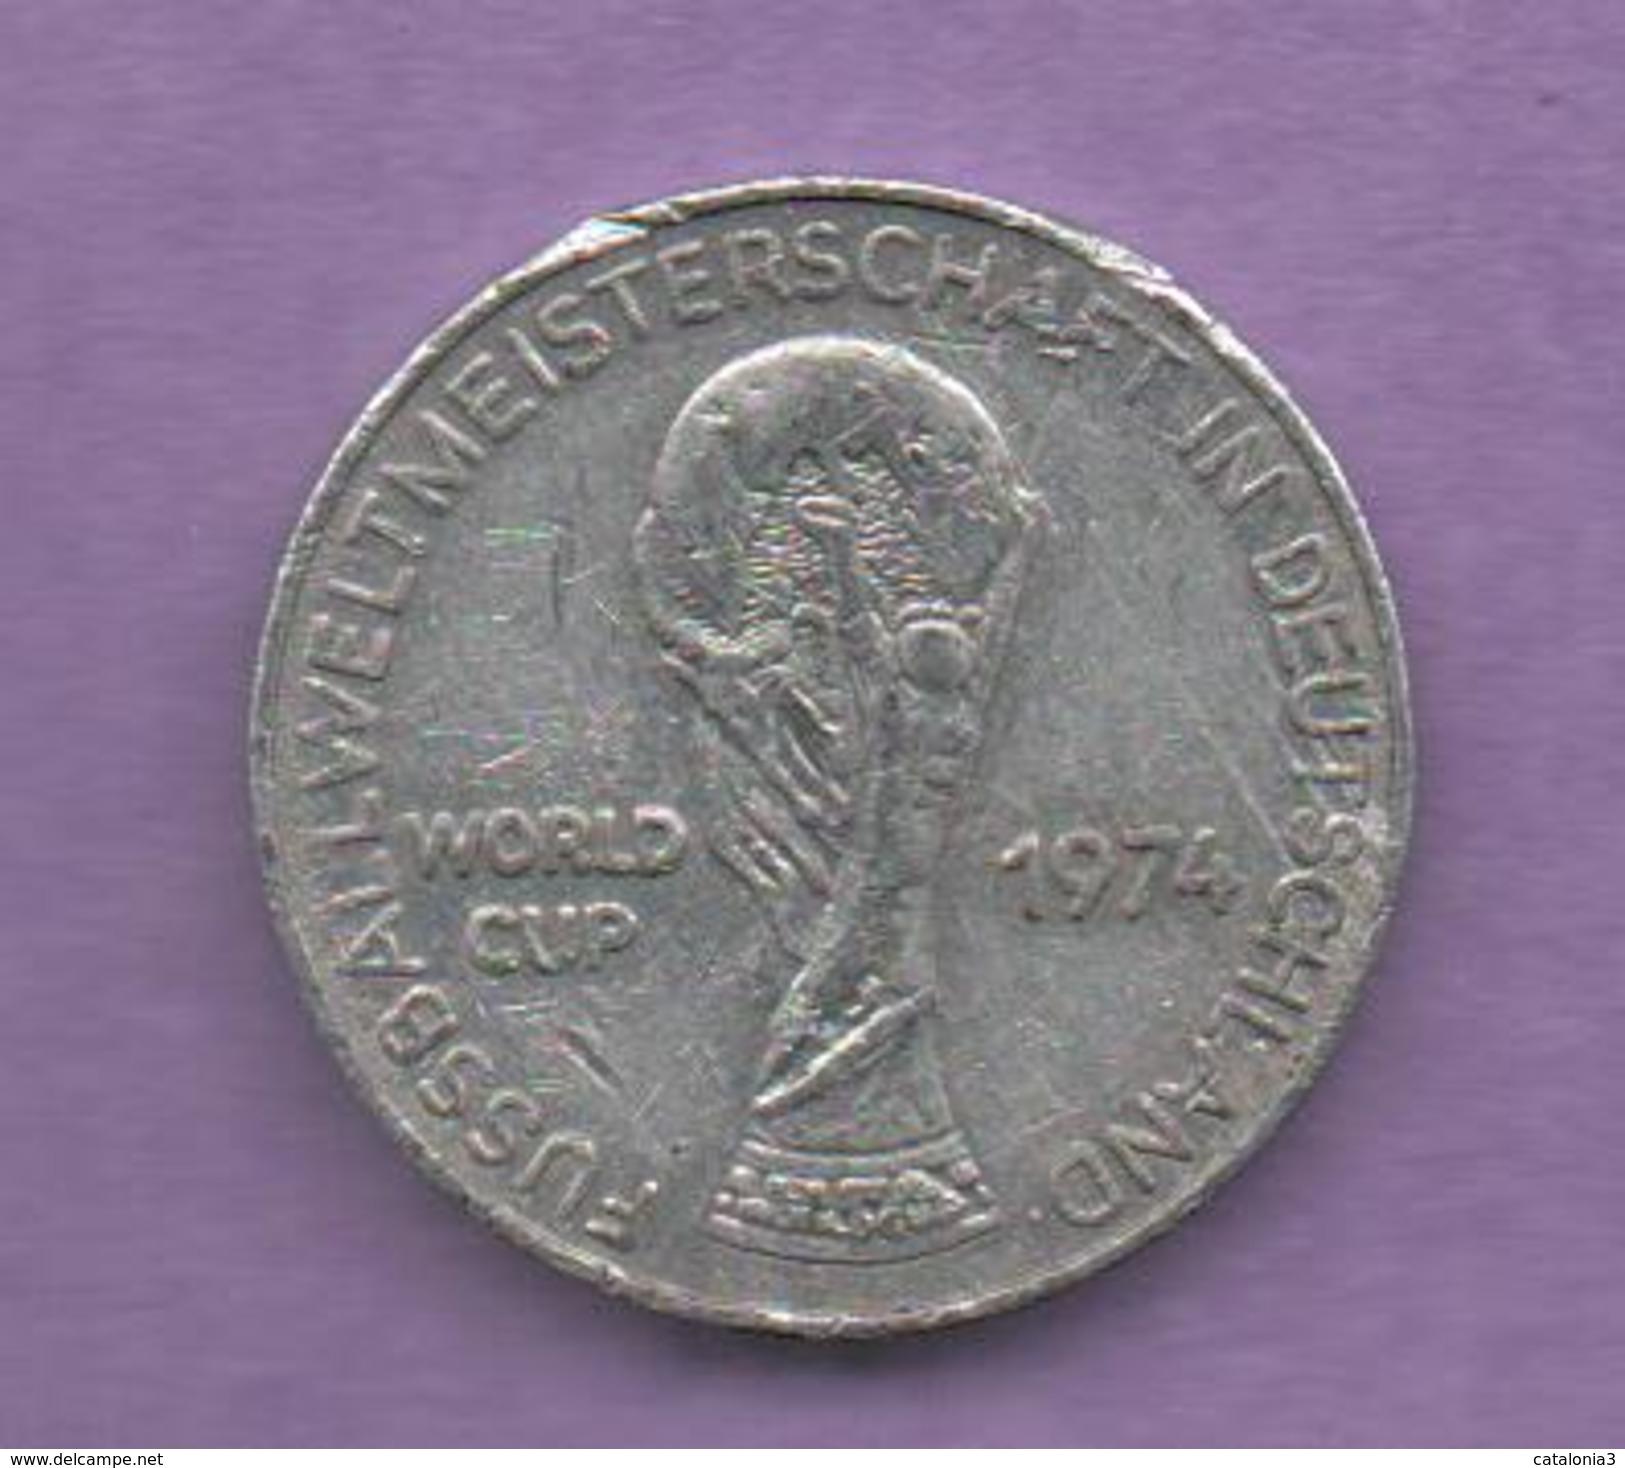 FICHAS - MEDALLAS // Token - Medal - FUSSBALL WELTMEISTERSCHAFT DEUTSCHLAND 1974 CHILE (1) - Allemagne